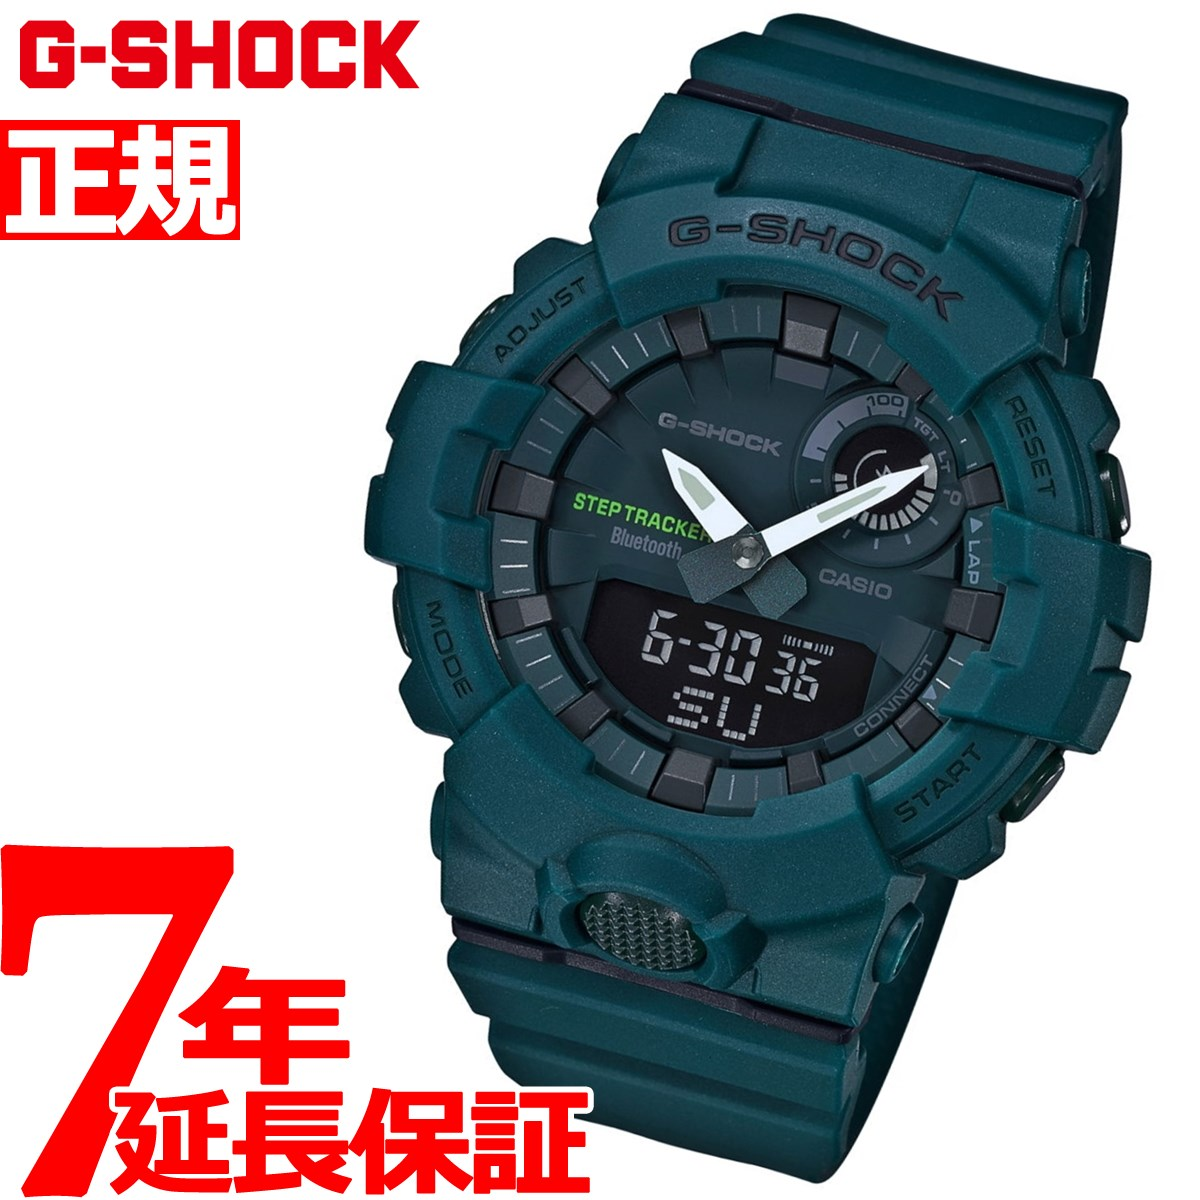 G-SHOCK G-SQUAD カシオ Gショック ジースクワッド CASIO 腕時計 メンズ GBA-800-3AJF【2018 新作】